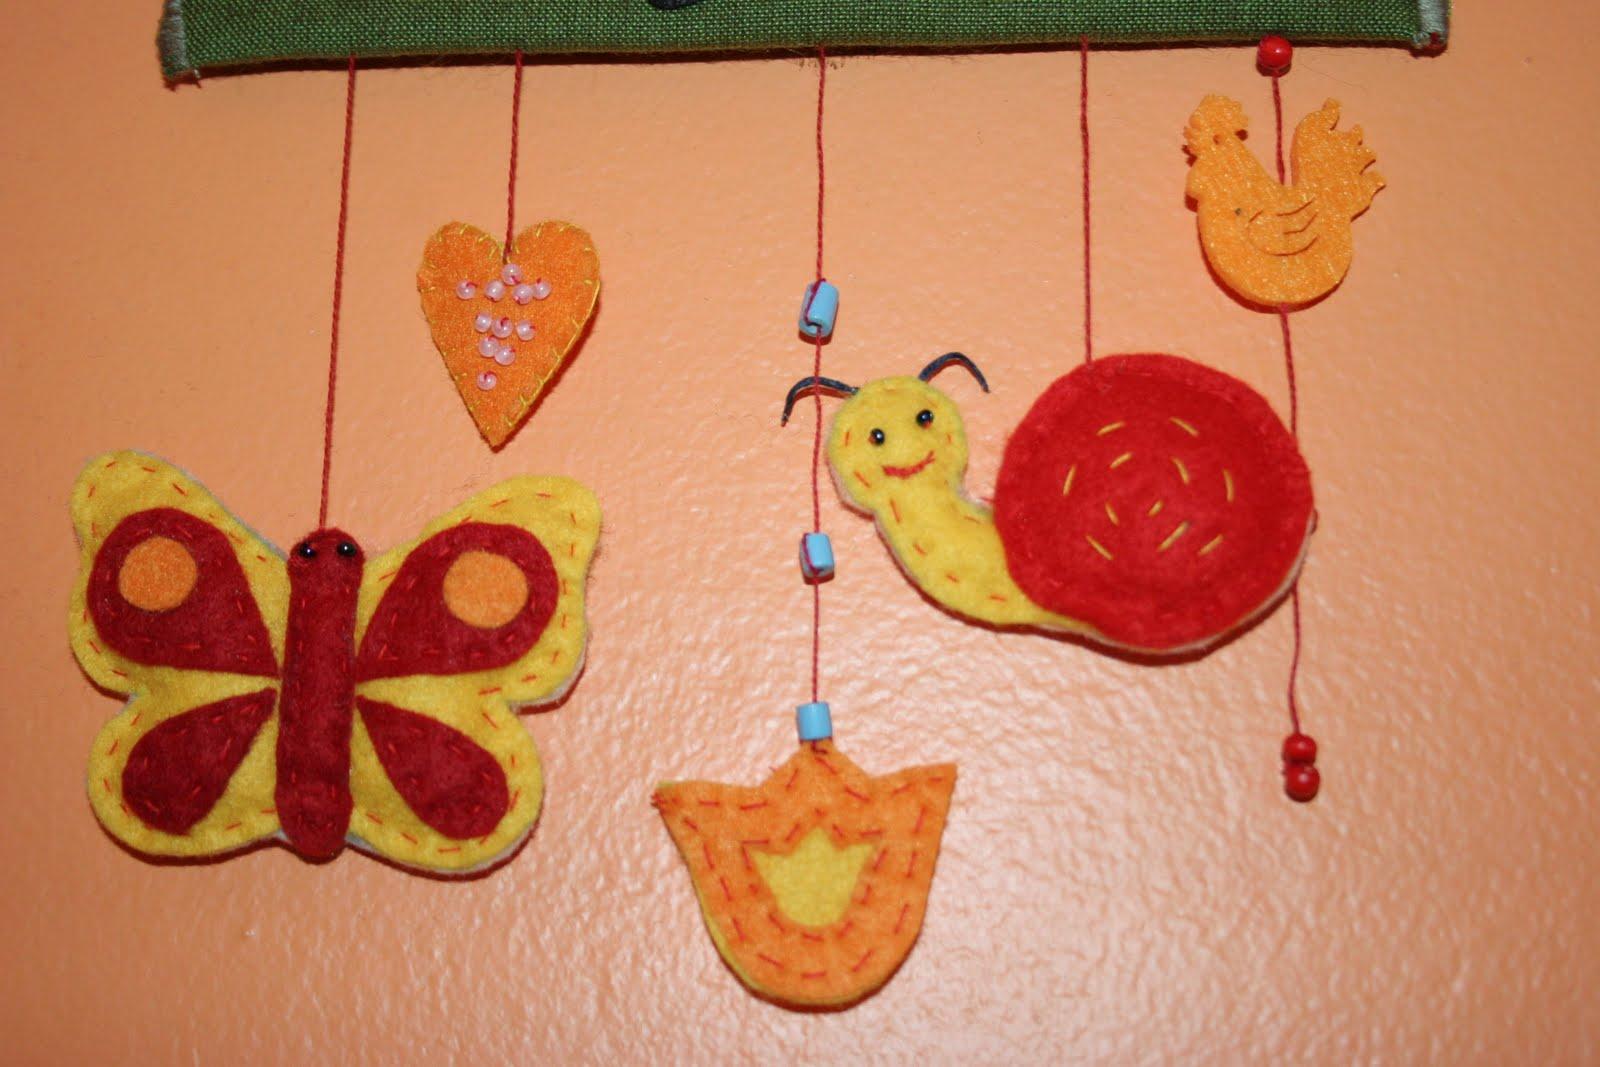 Rituska kreatív oldala: Csigás, pillangós gyerekszoba dekoráció